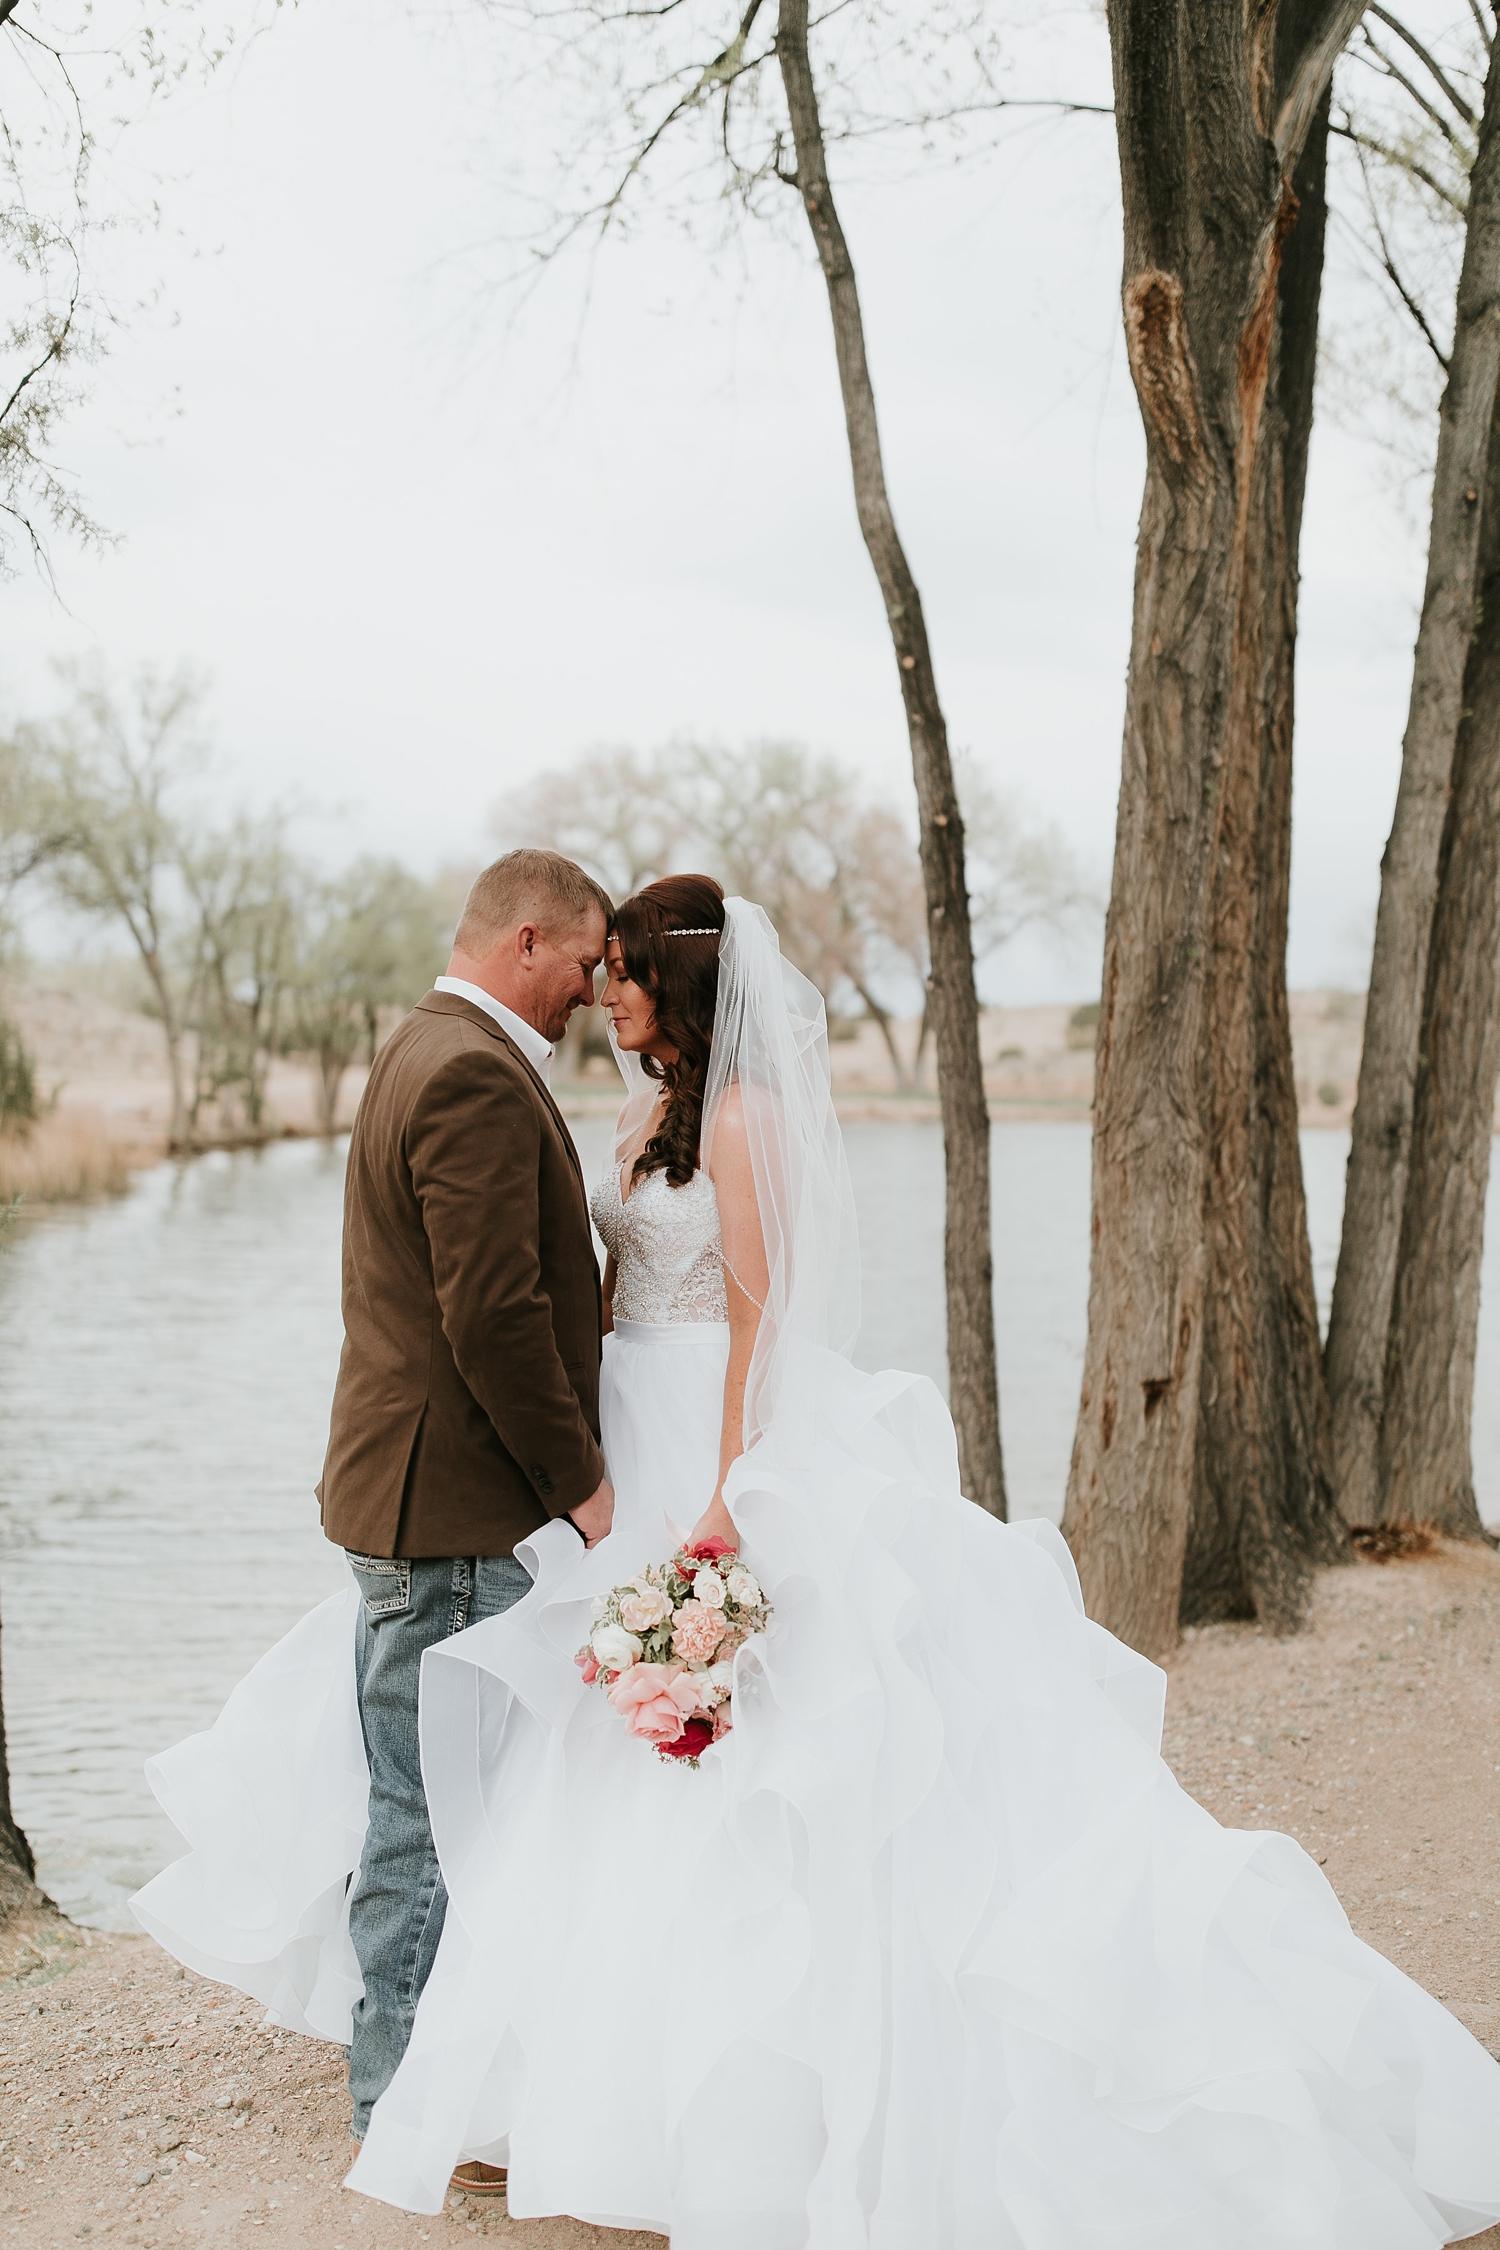 Alicia+lucia+photography+-+albuquerque+wedding+photographer+-+santa+fe+wedding+photography+-+new+mexico+wedding+photographer+-+new+mexico+engagement+-+la+mesita+ranch+wedding+-+la+mesita+ranch+spring+wedding_0057.jpg